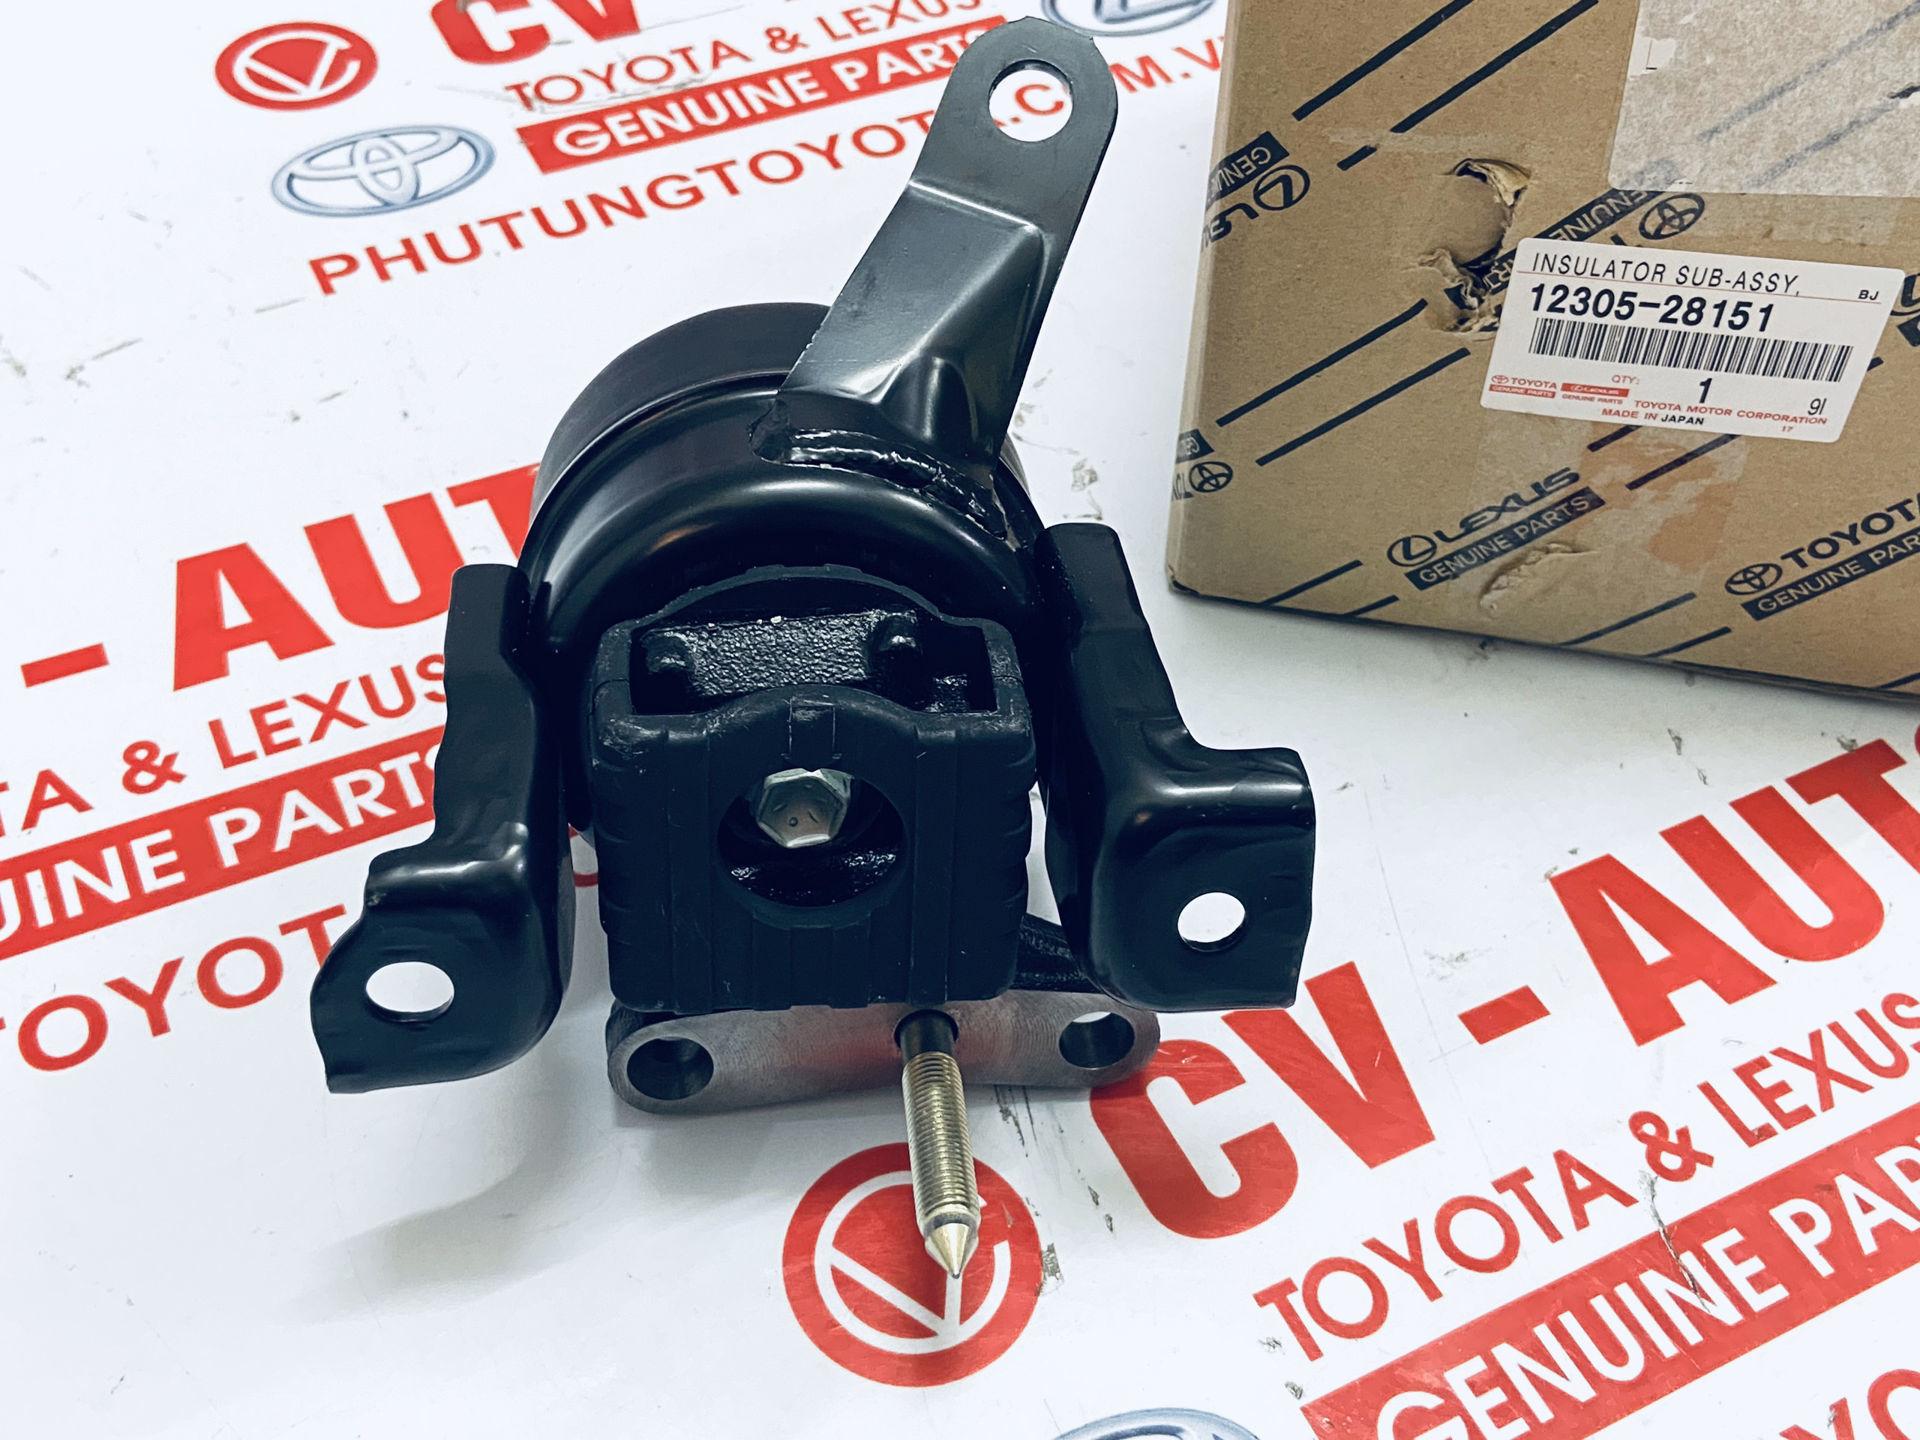 Picture of 12305-28151 Chân máy Toyota RAV4 01-03 chính hãng